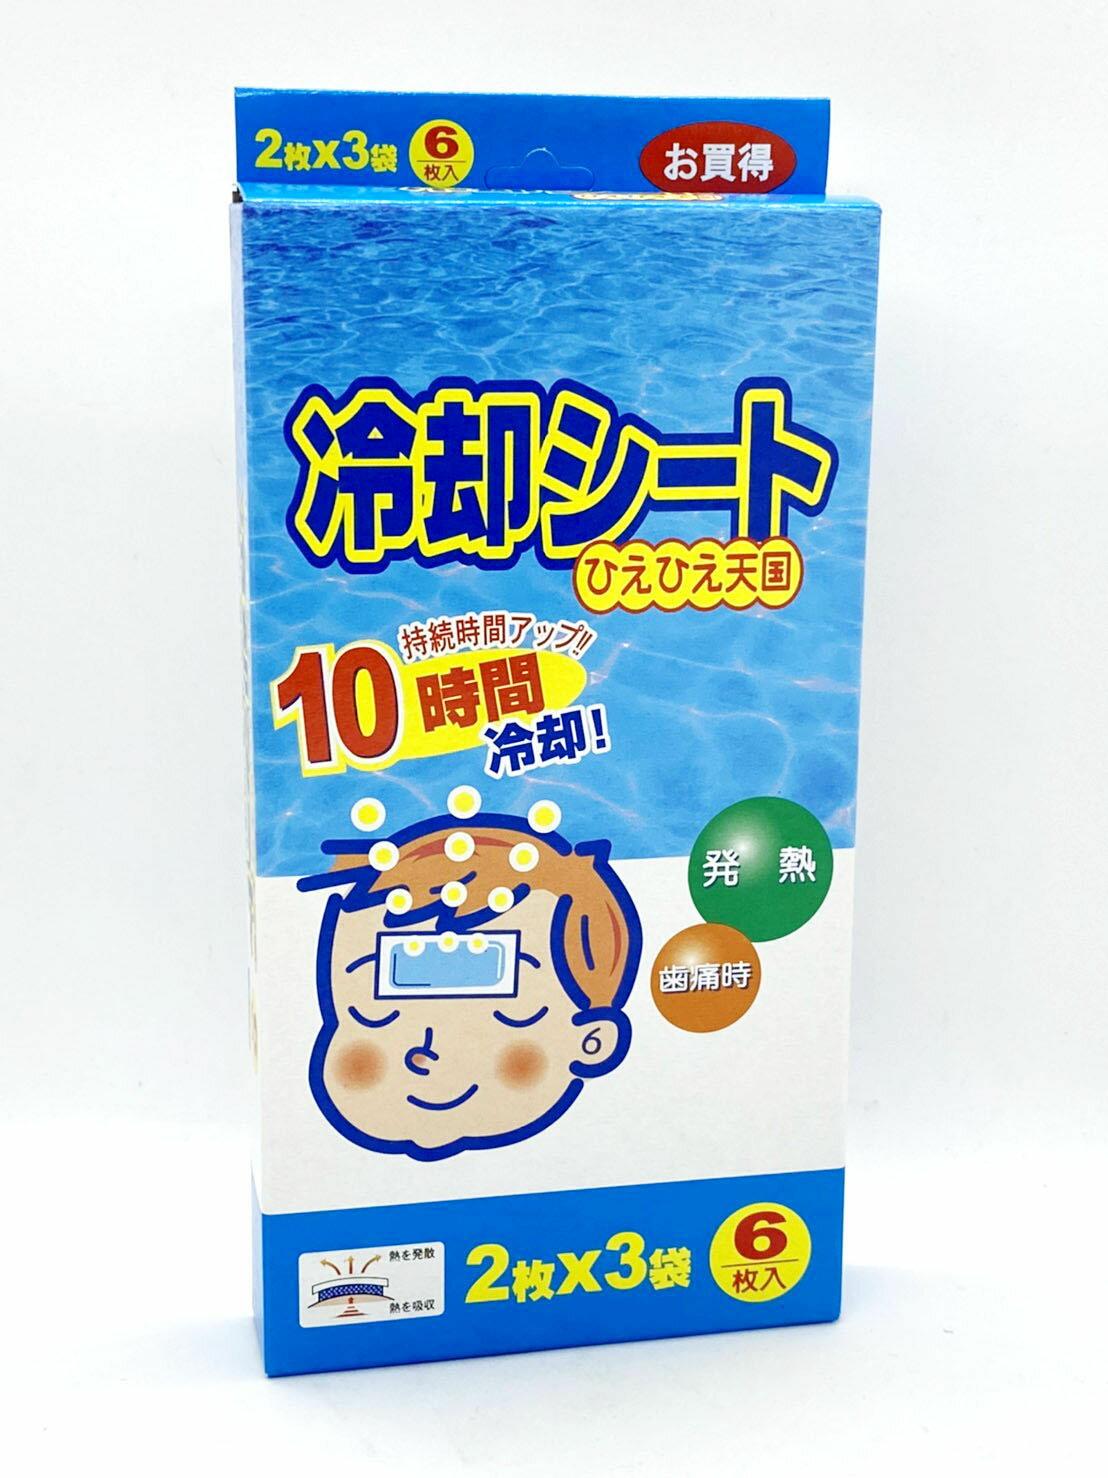 日本製 白金退熱貼 6片/盒10小時長效退熱貼034284